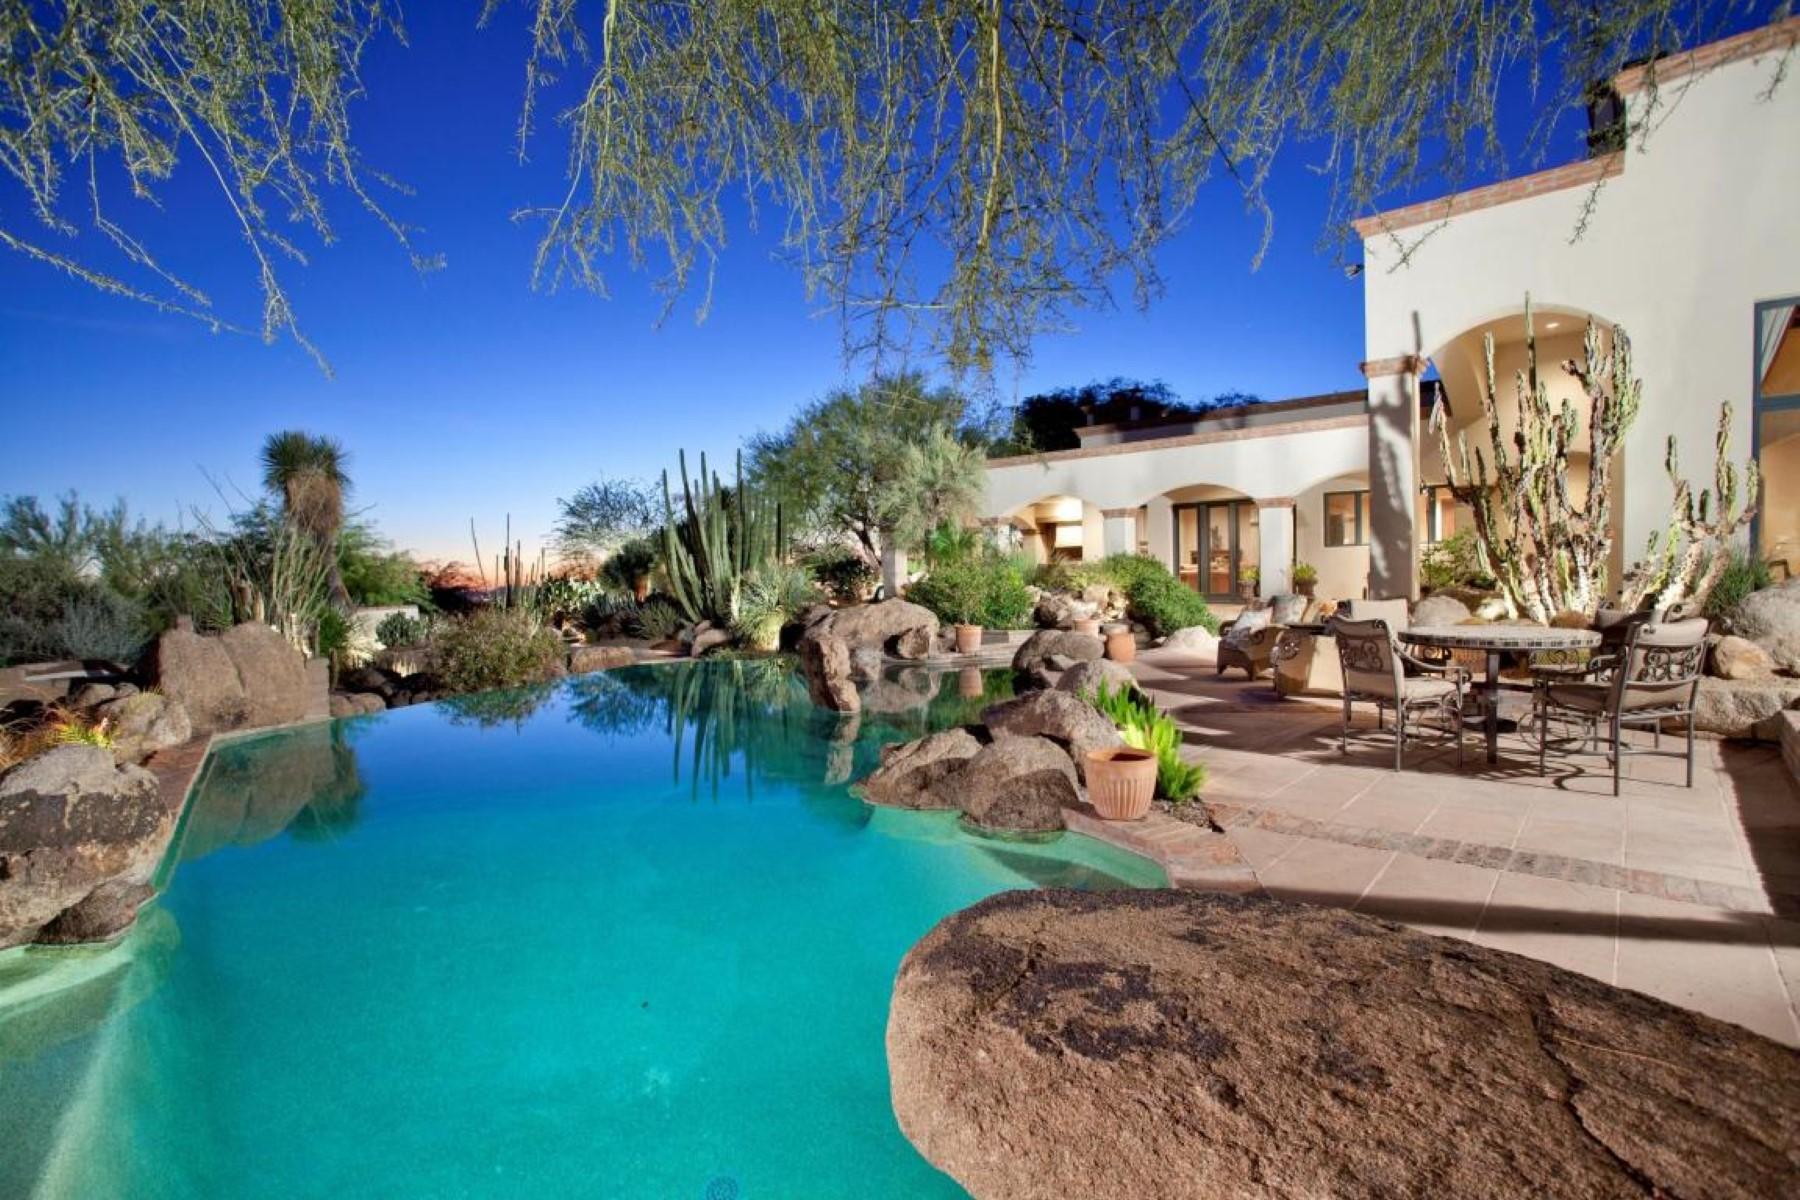 Maison unifamiliale pour l Vente à Romance & Character in North Scottsdale 9933 E Happy Valley Rd #3 Scottsdale, Arizona 85255 États-Unis